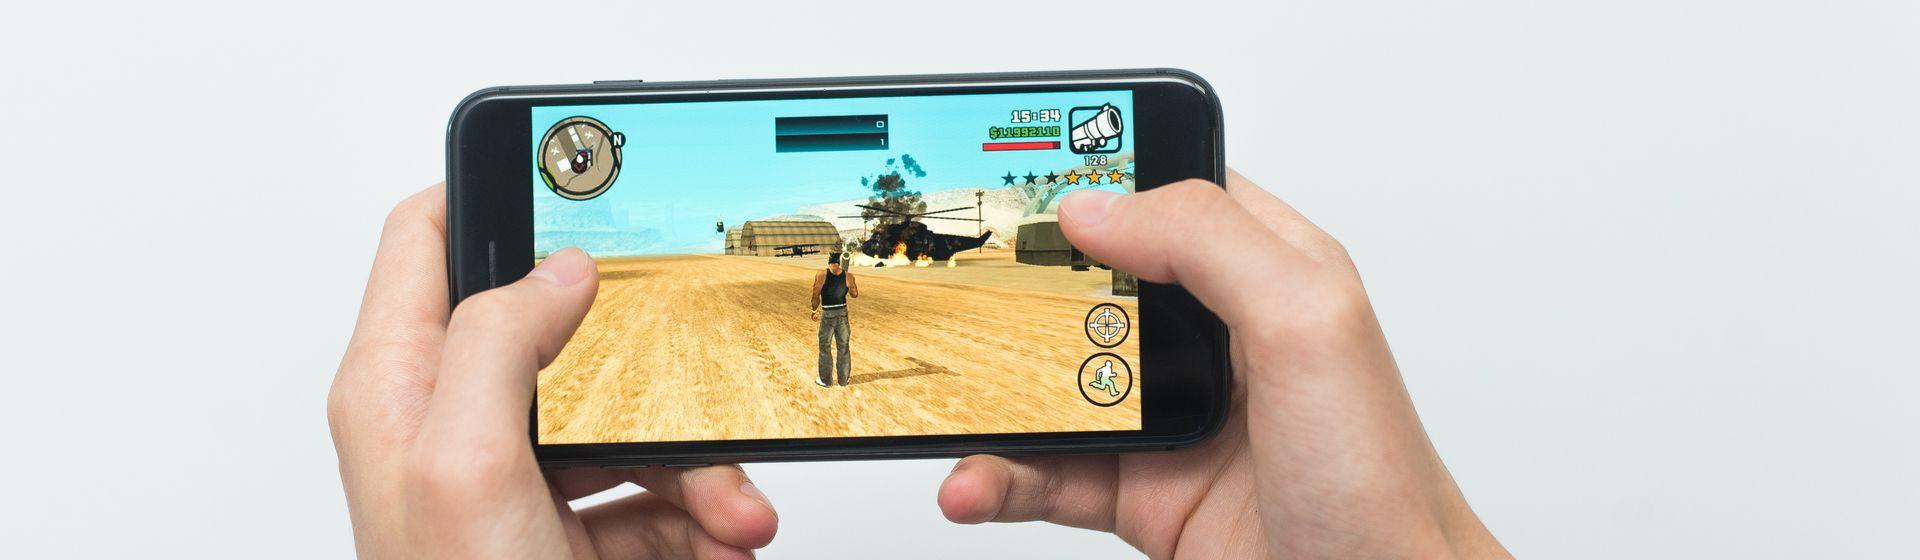 GTA San Andreas para Android: como baixar e instalar